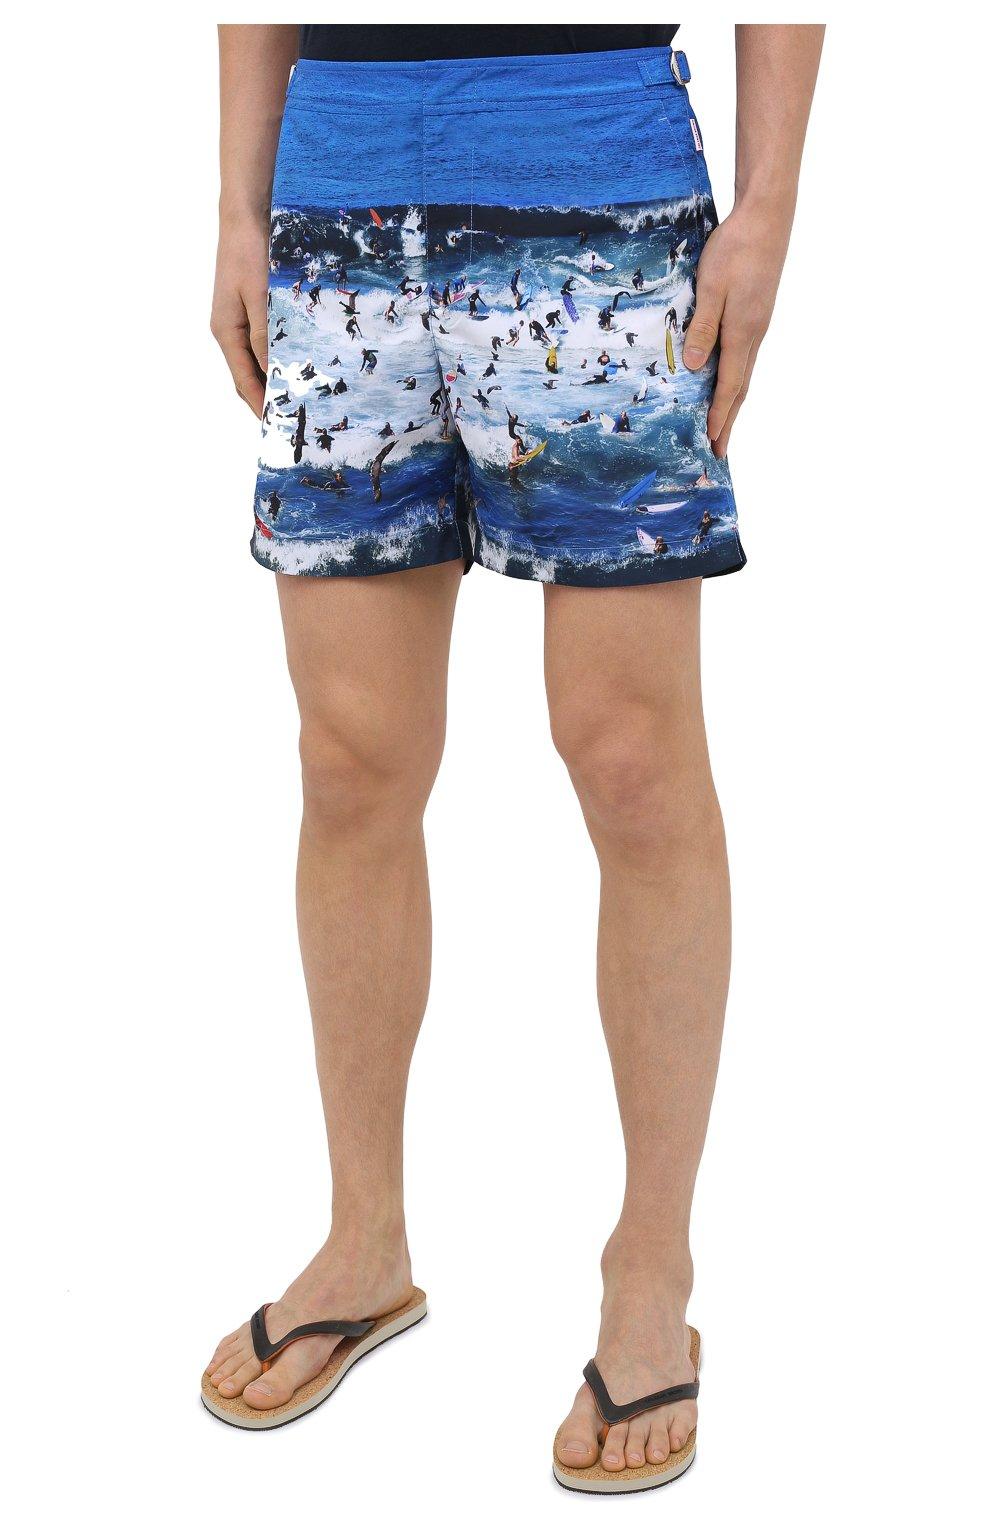 Мужские плавки-шорты ORLEBAR BROWN синего цвета, арт. 273243 | Фото 3 (Материал внешний: Синтетический материал; Принт: С принтом; Мужское Кросс-КТ: плавки-шорты)